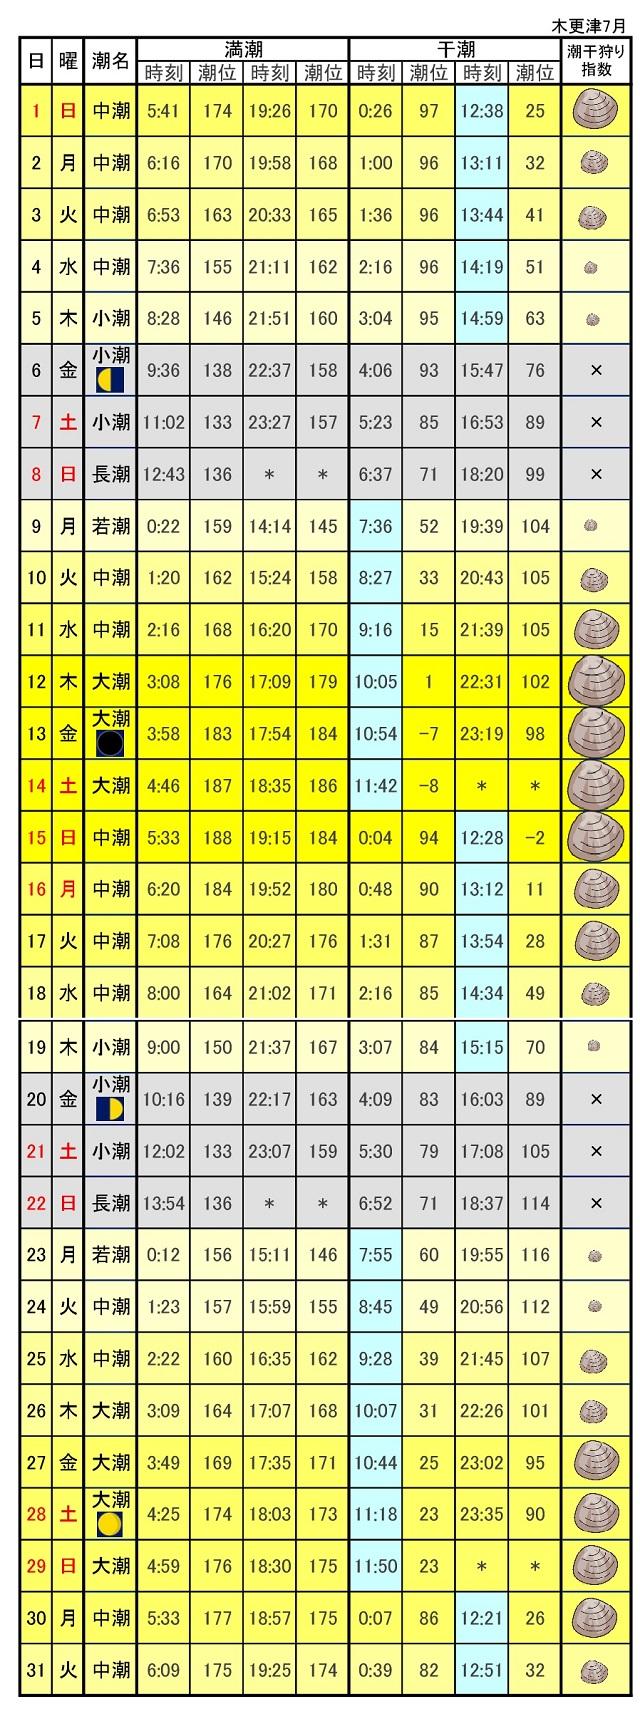 木更津海岸潮干狩り指数2018年7月